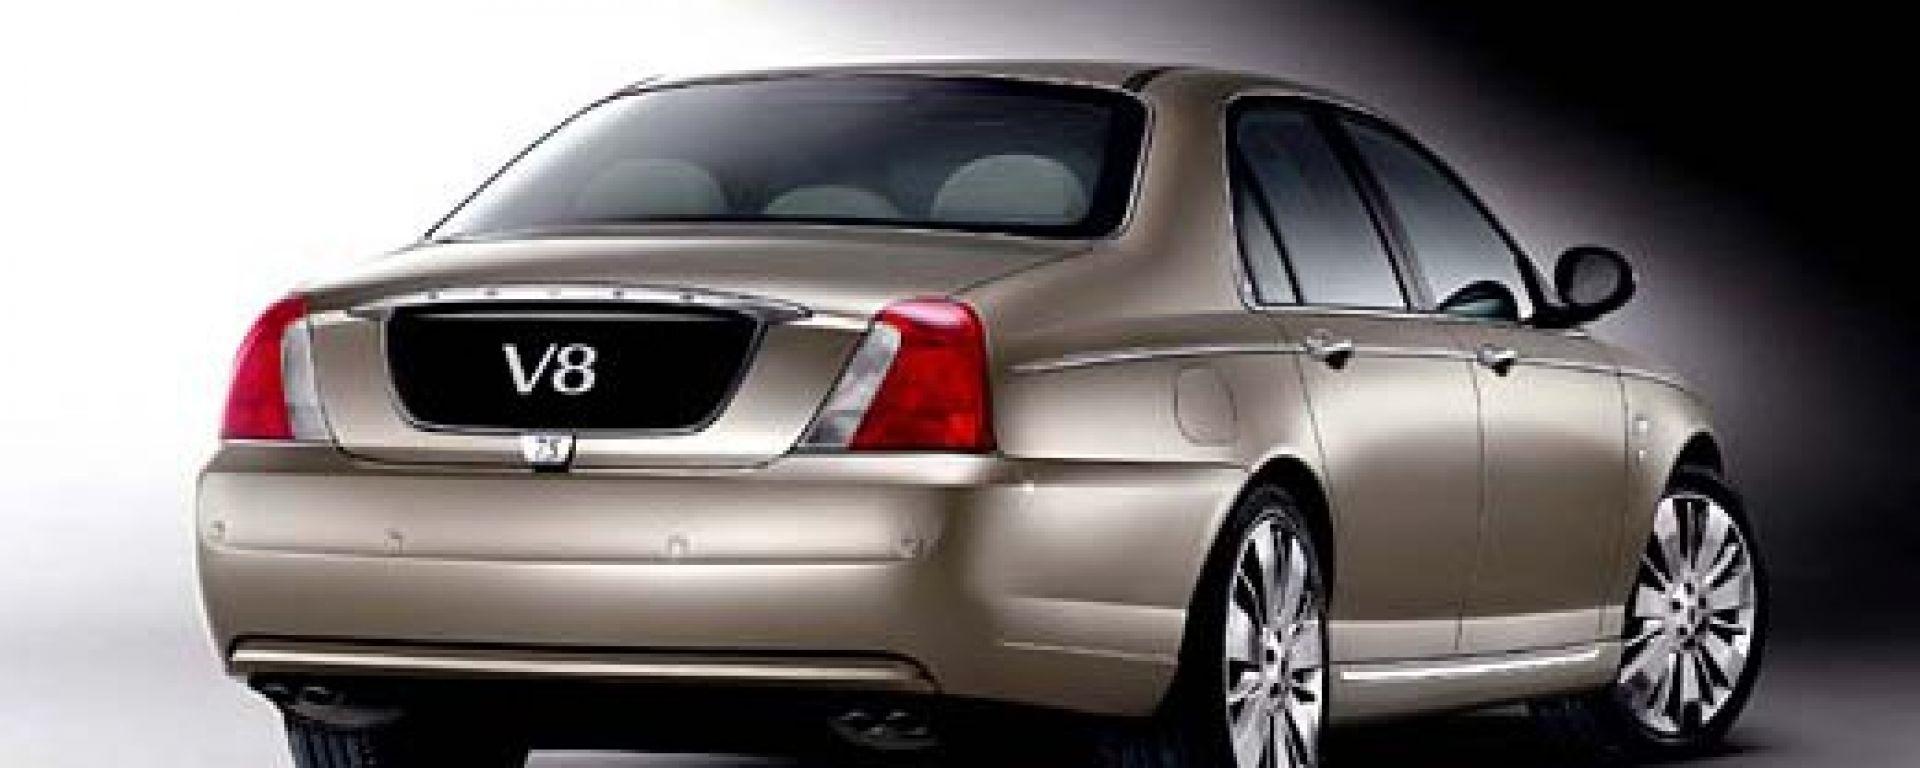 Anteprima: Rover 75 V8